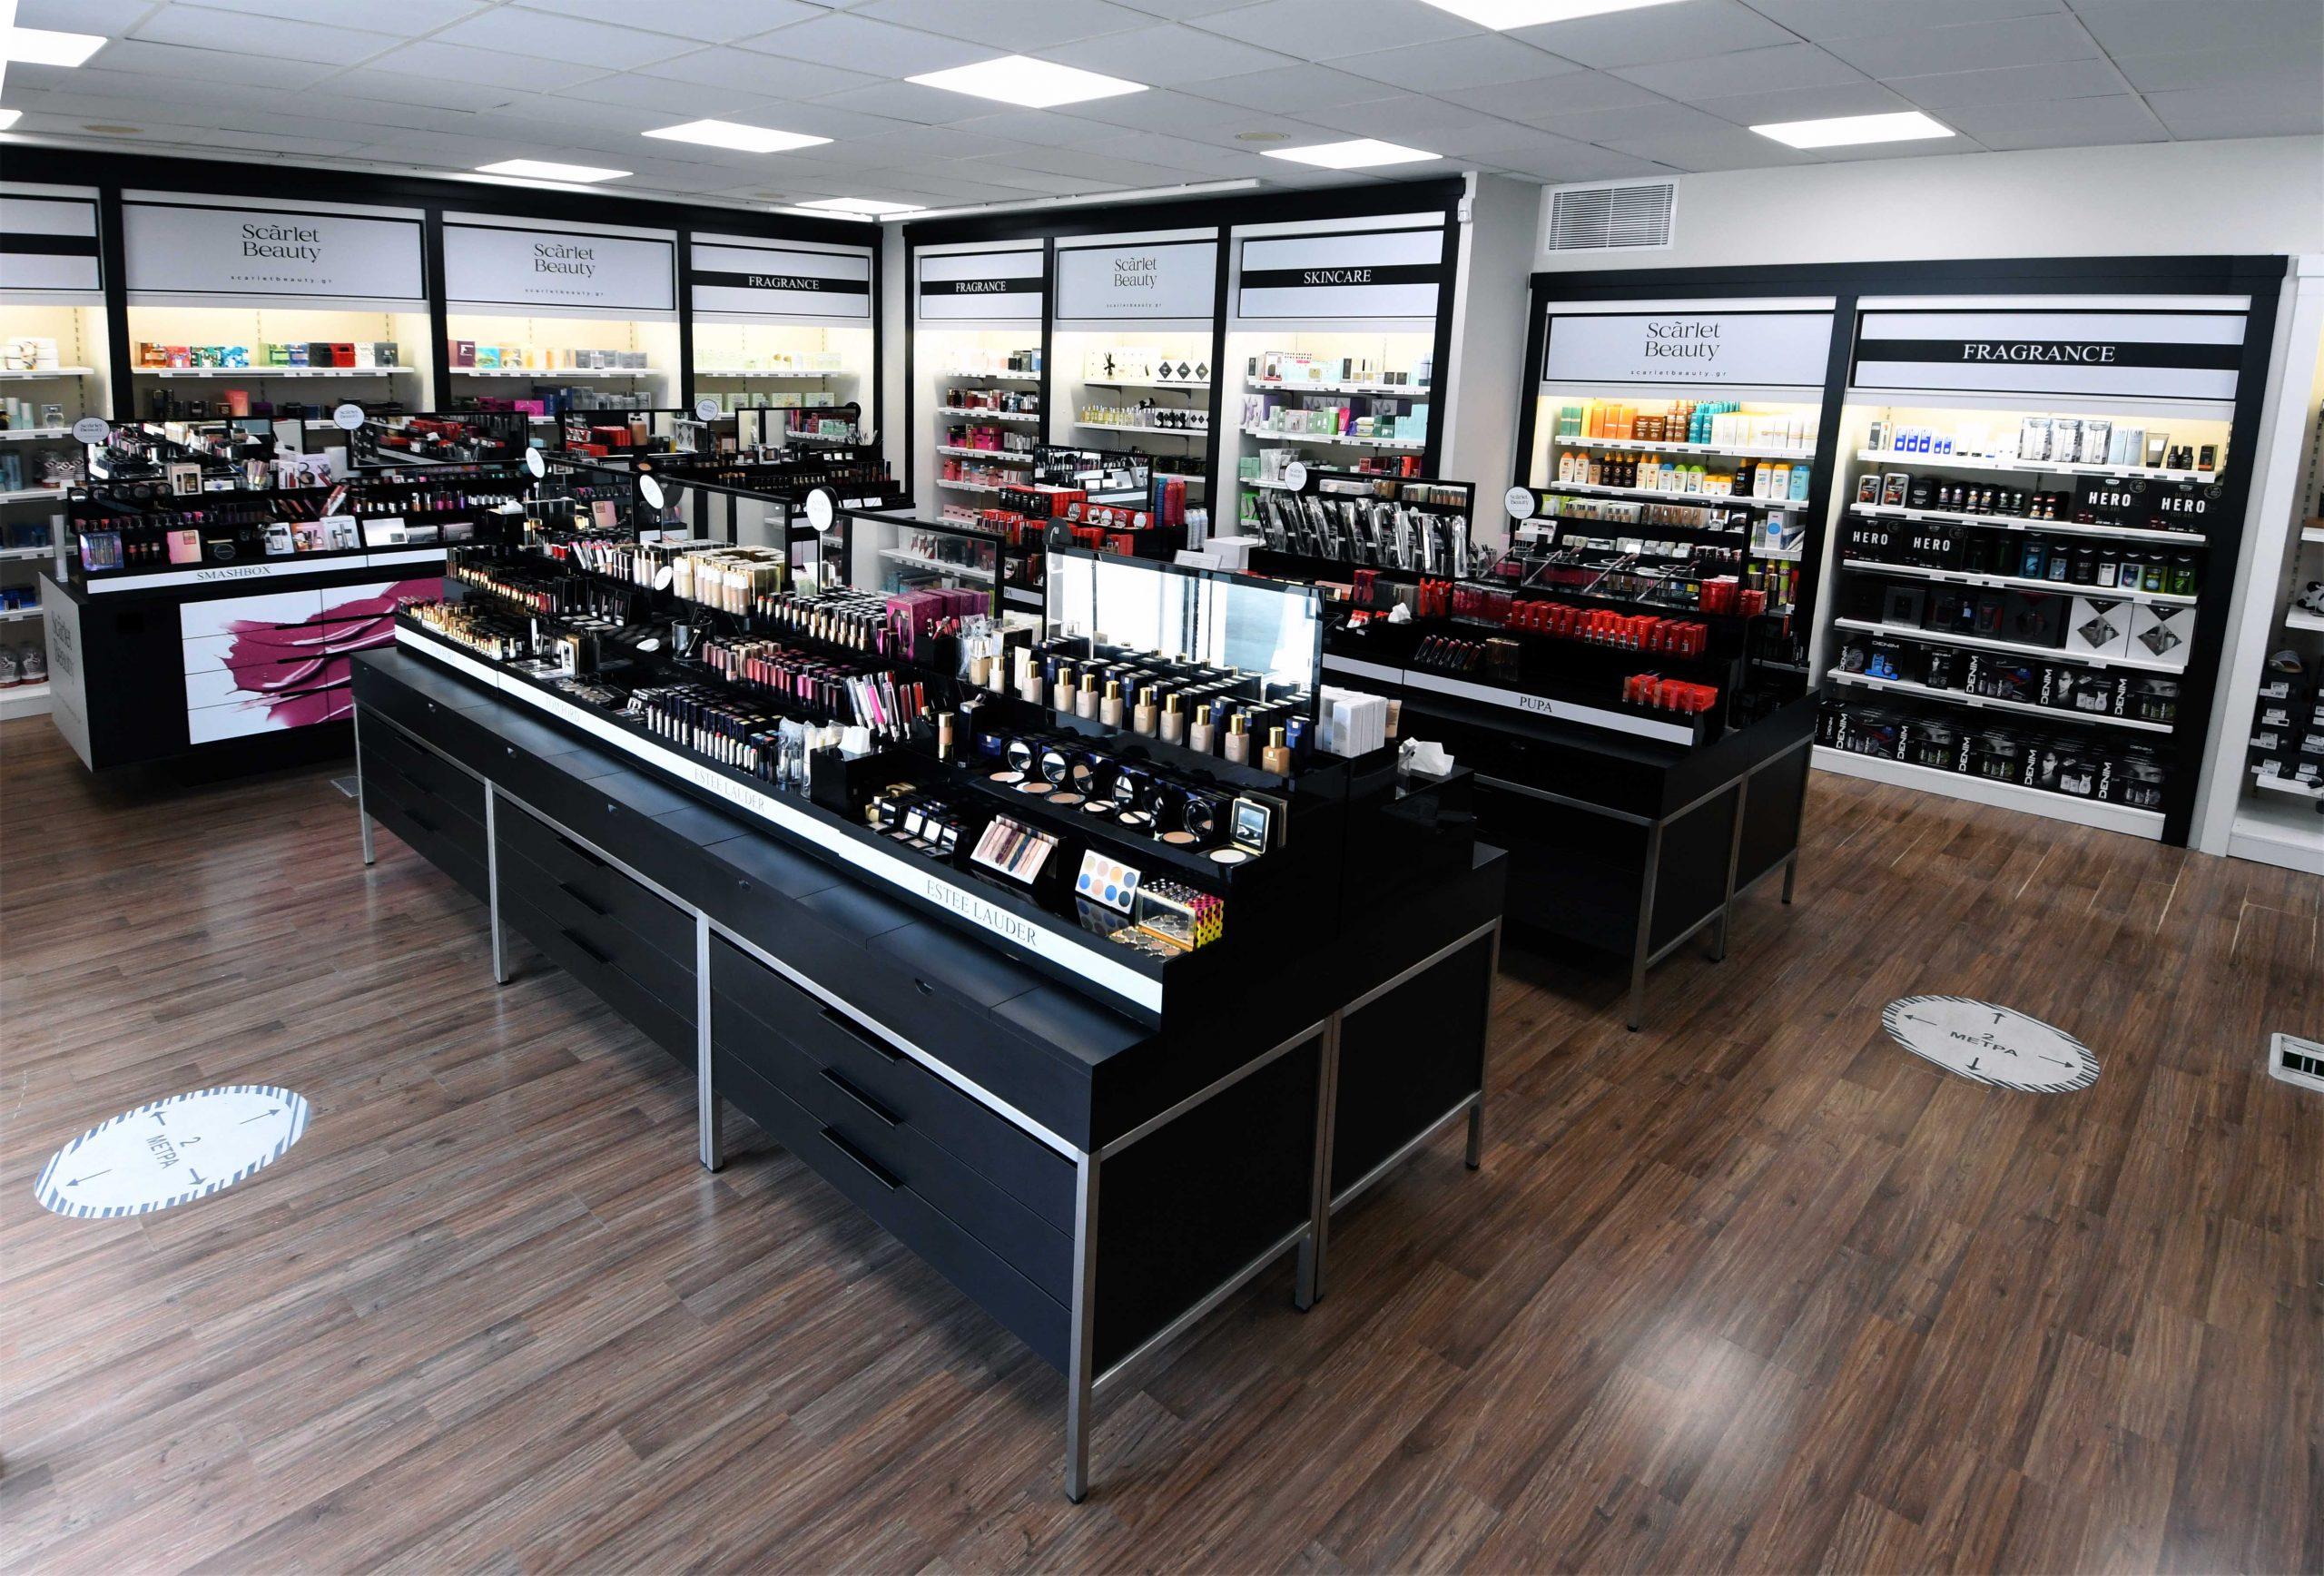 Scãrlet Beauty | O ναός της ομορφιάς μόλις απέκτησε (και) φυσικό κατάστημα